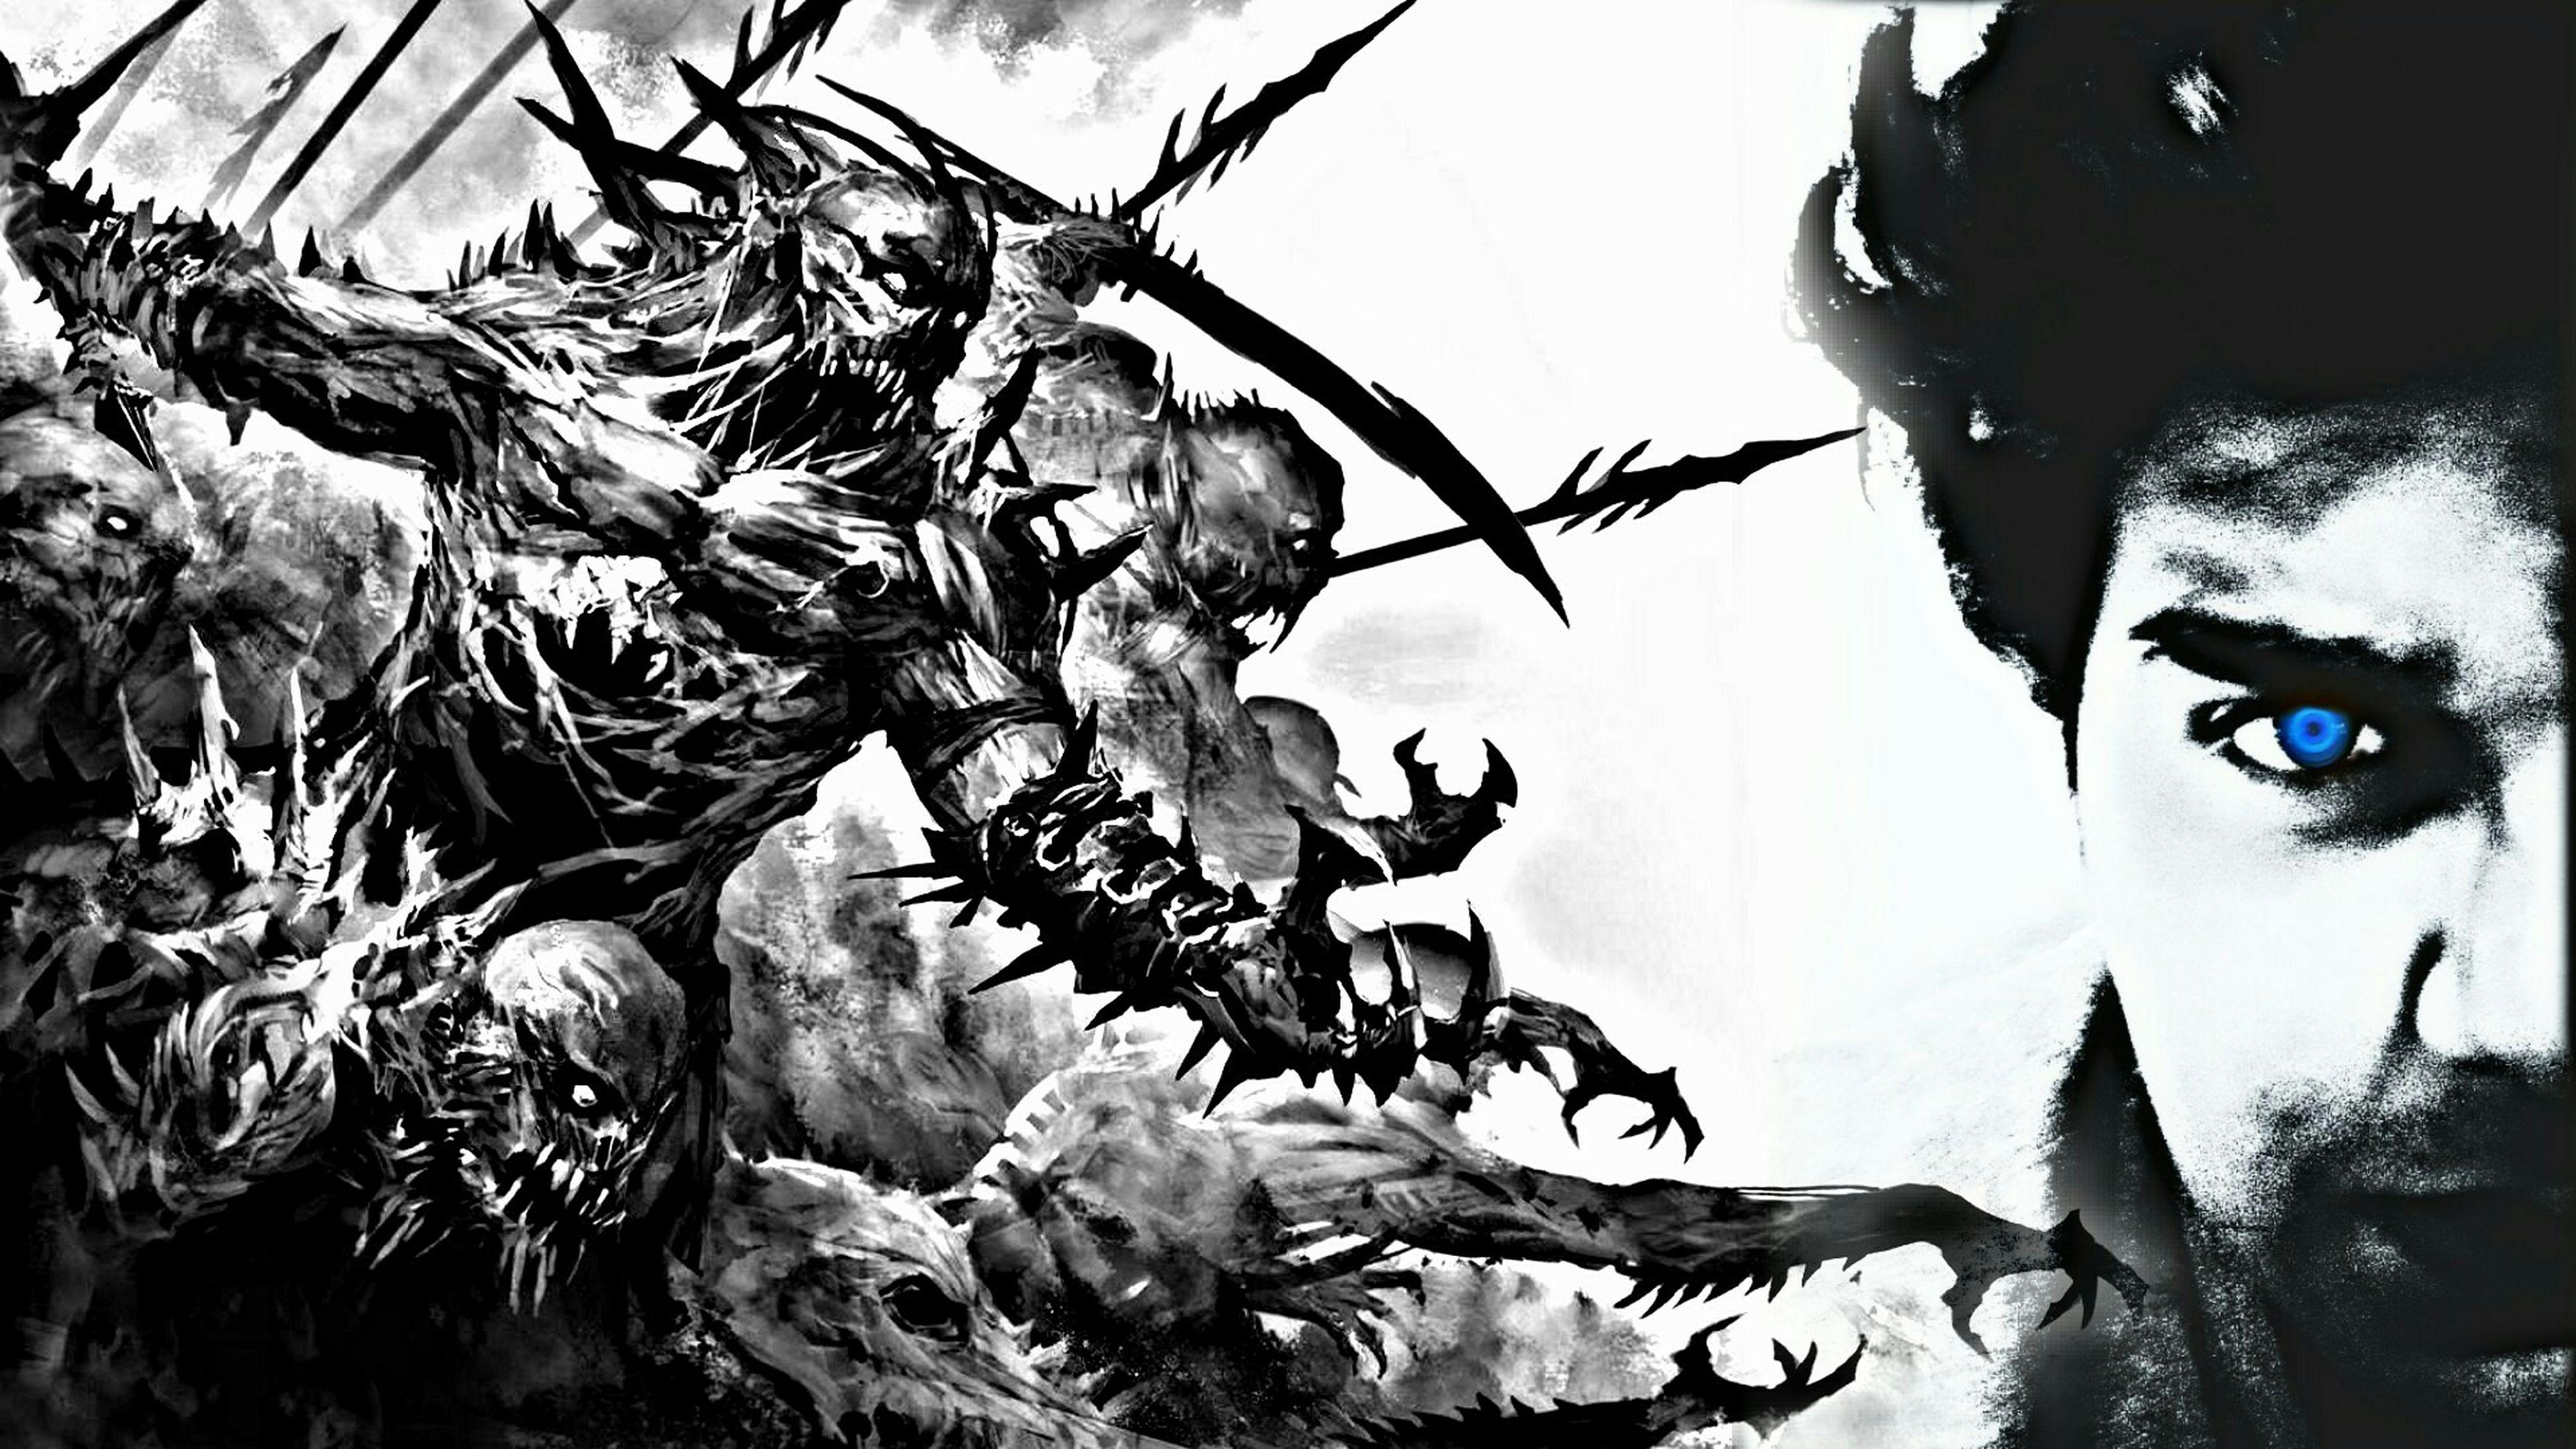 Edited Blackandwhite Edition Devil Eyes DevilLook Tum Devil K Piche Devil Tumare Piche